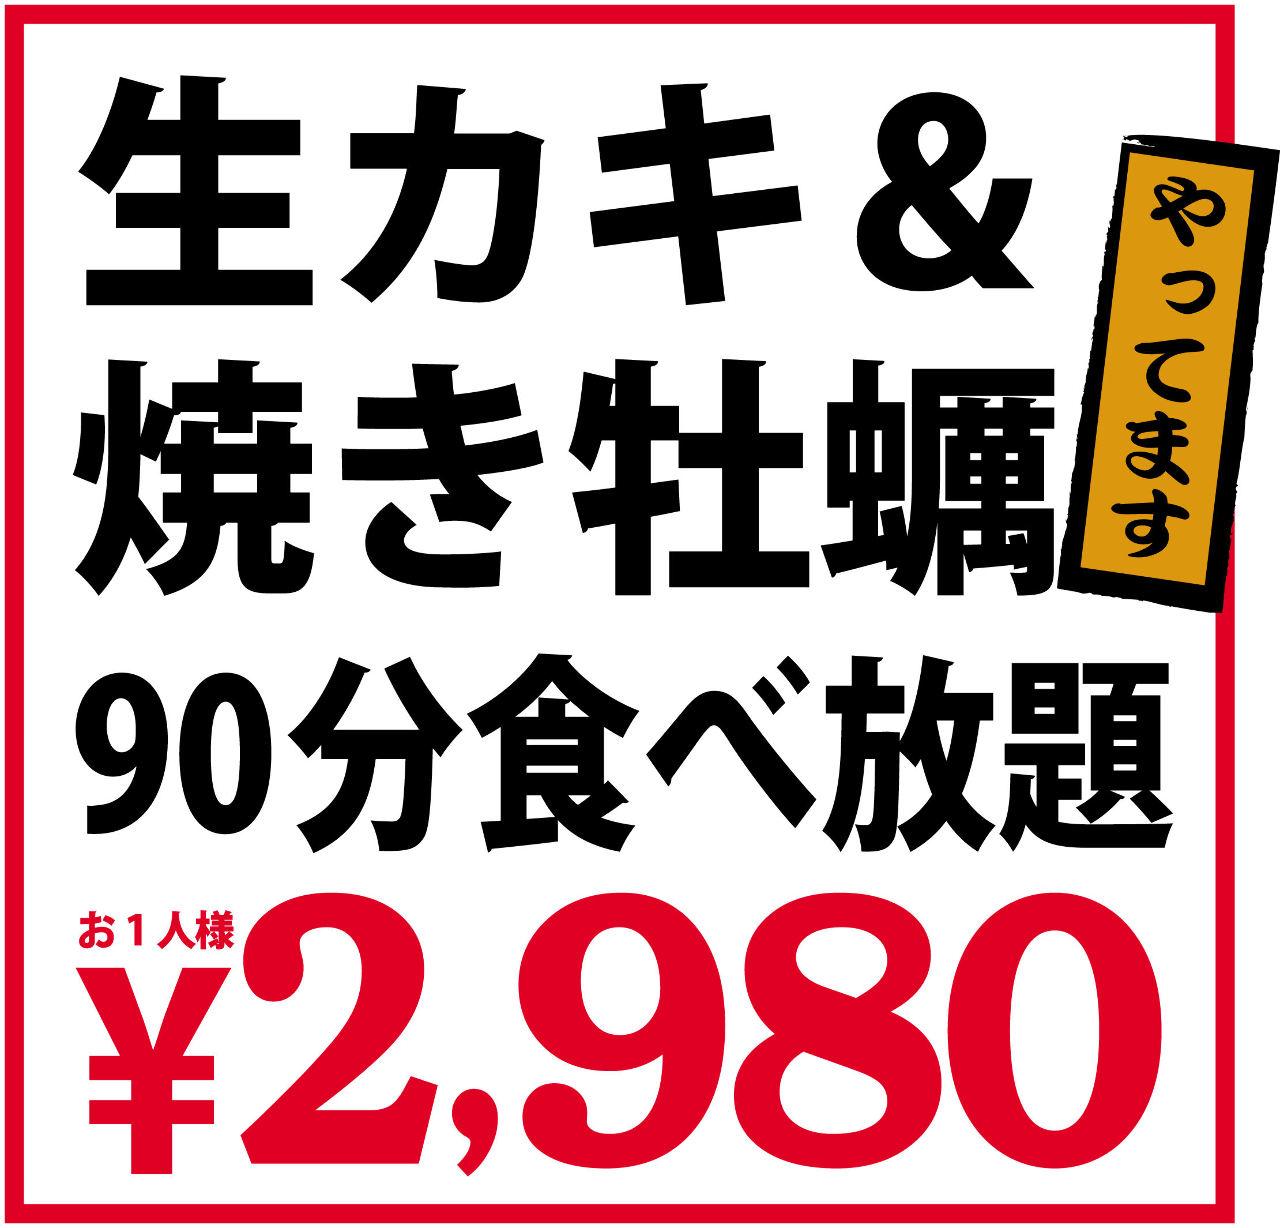 活き貝刺身・生カキ かきえもん 藤が丘店のイメージ写真